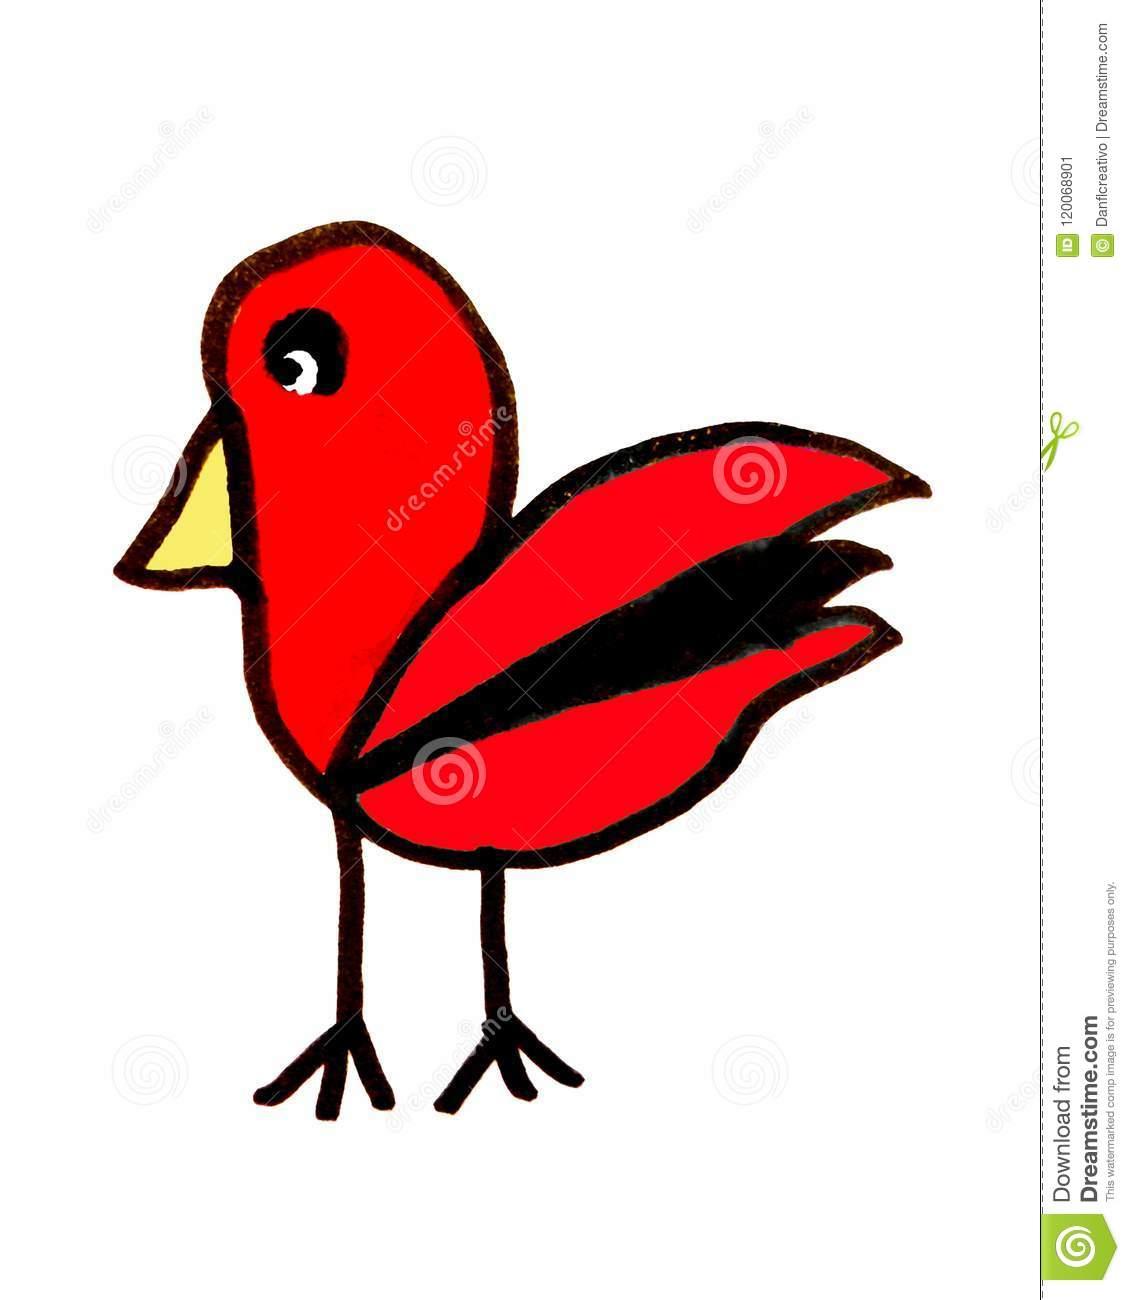 Dessin De Croquis D'oiseau Illustration Stock. Illustration encequiconcerne Dessin D Oiseau Simple